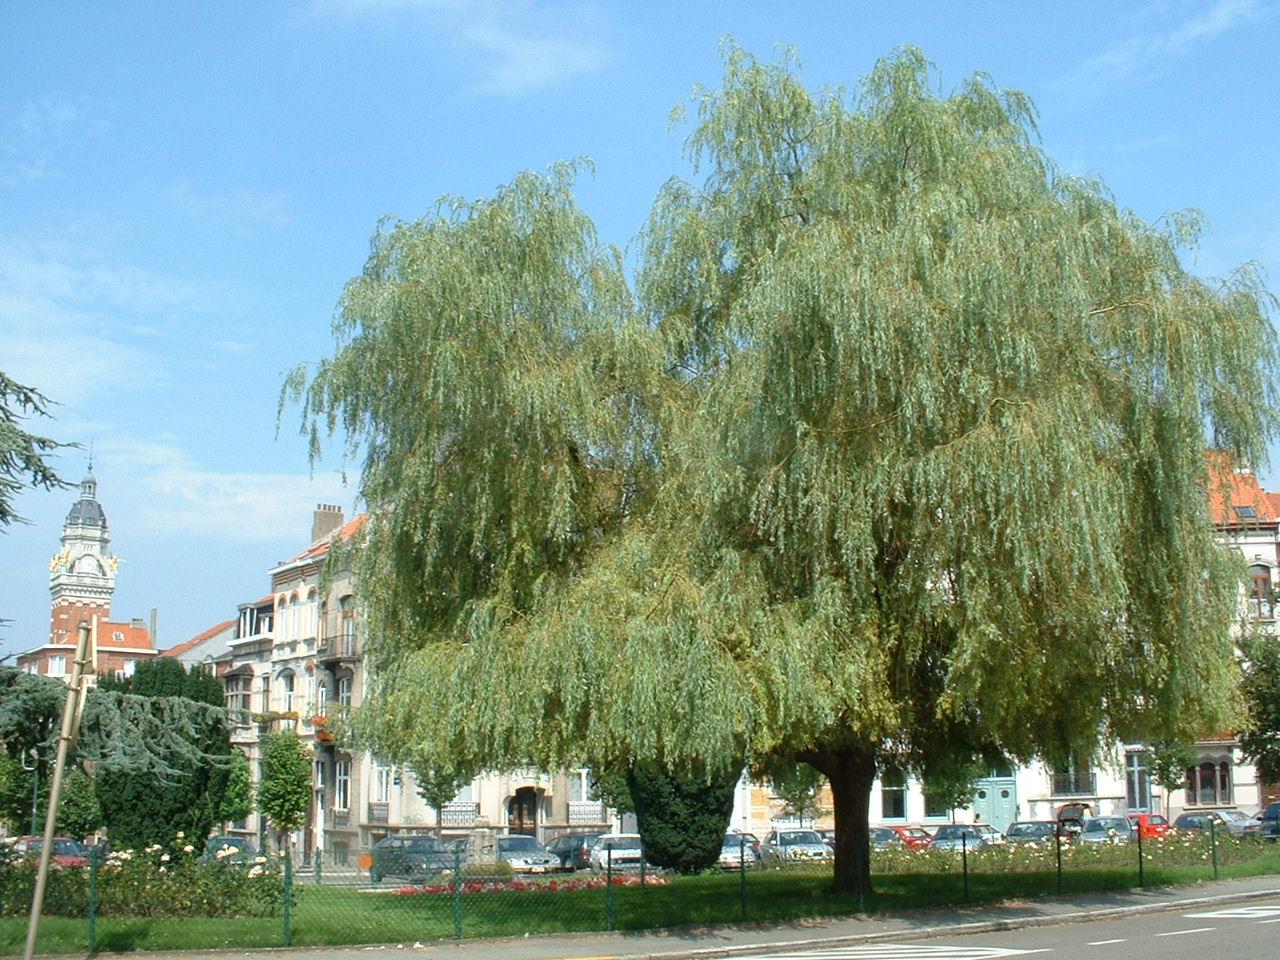 Saule pleureur – Saint-Gilles, Place Antoine Delporte –  19 Août 2002